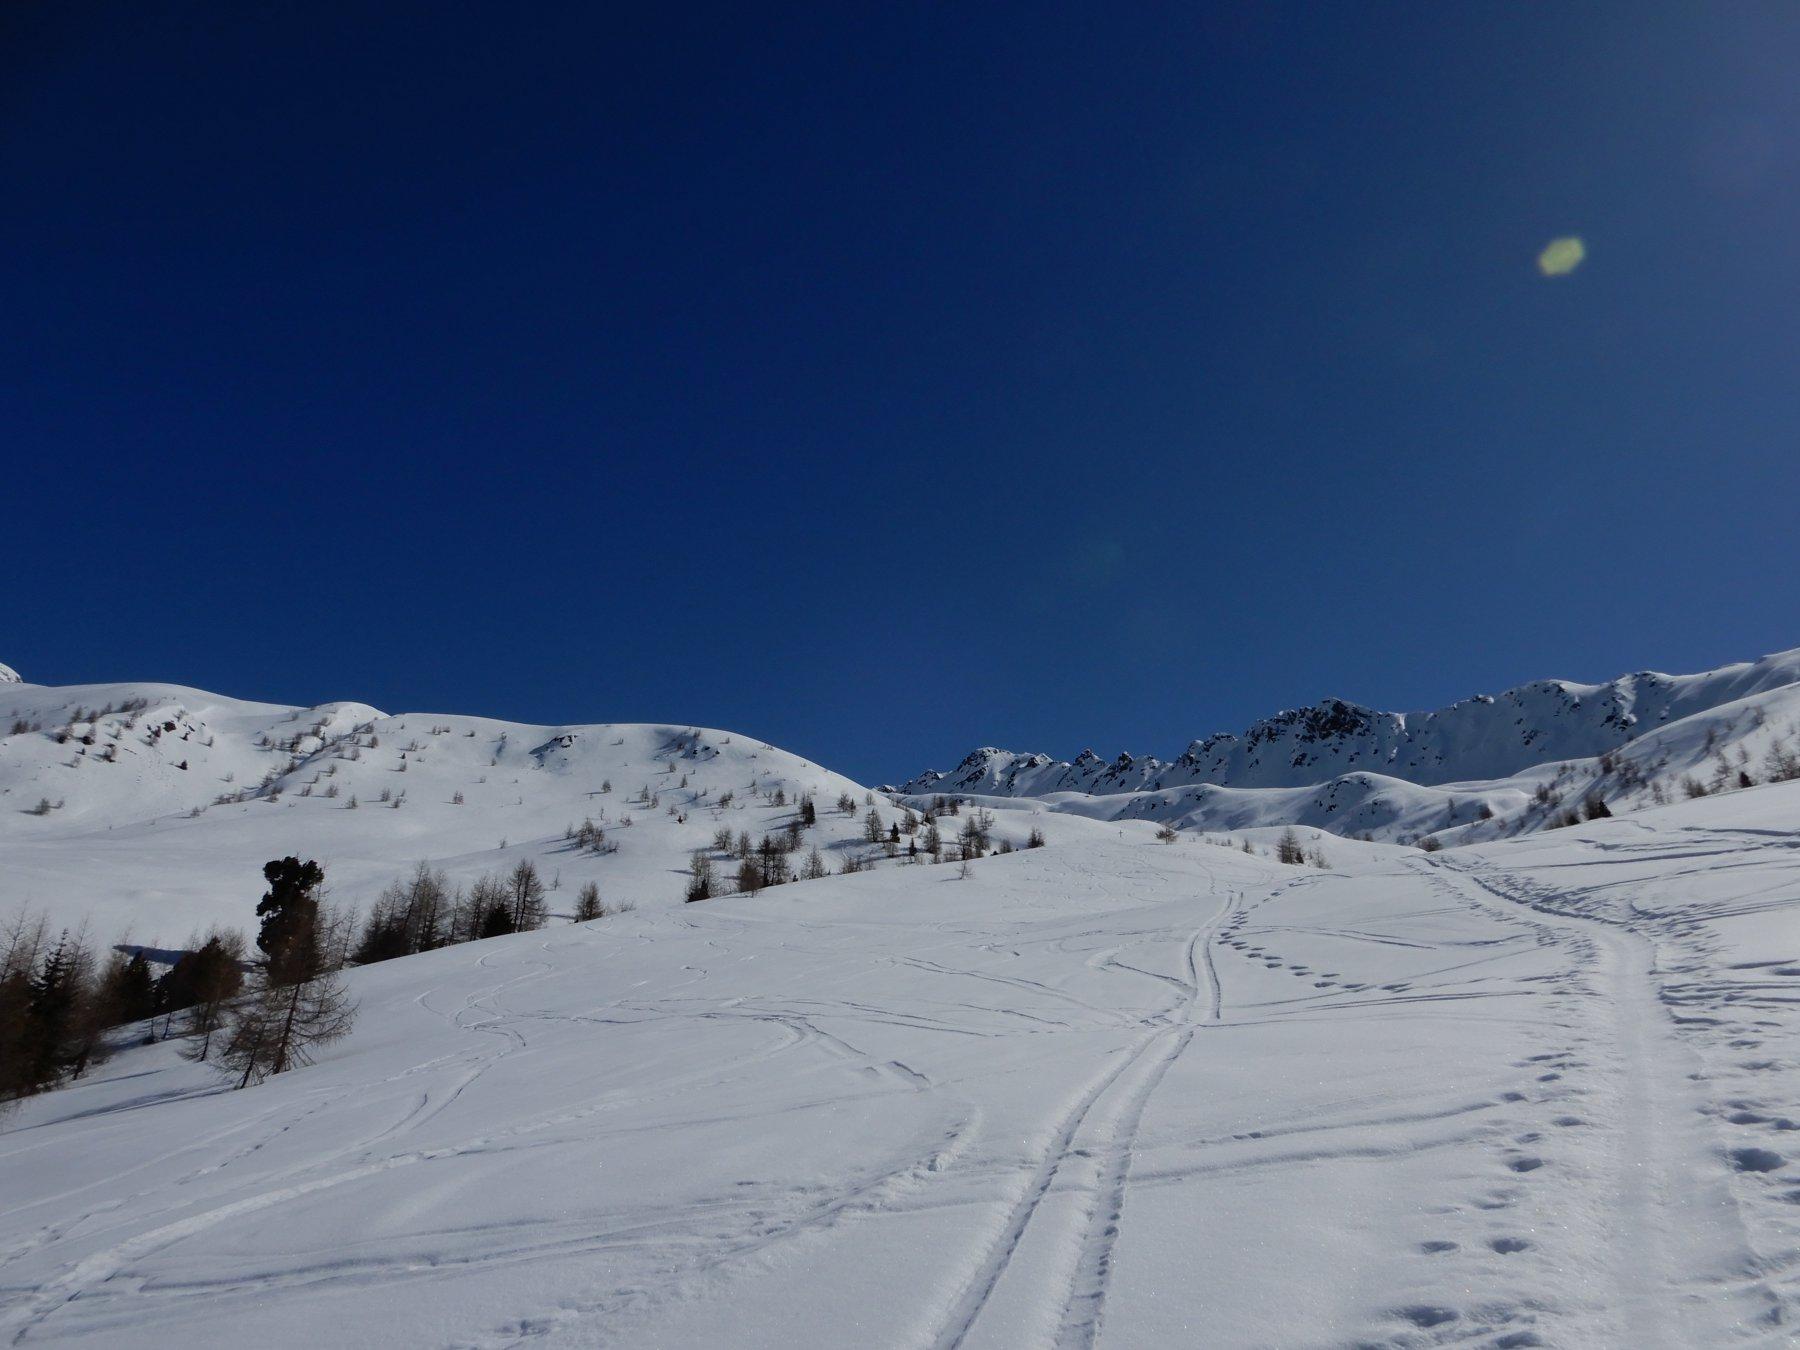 Pendii fantastici su neve vellutata e primaverile